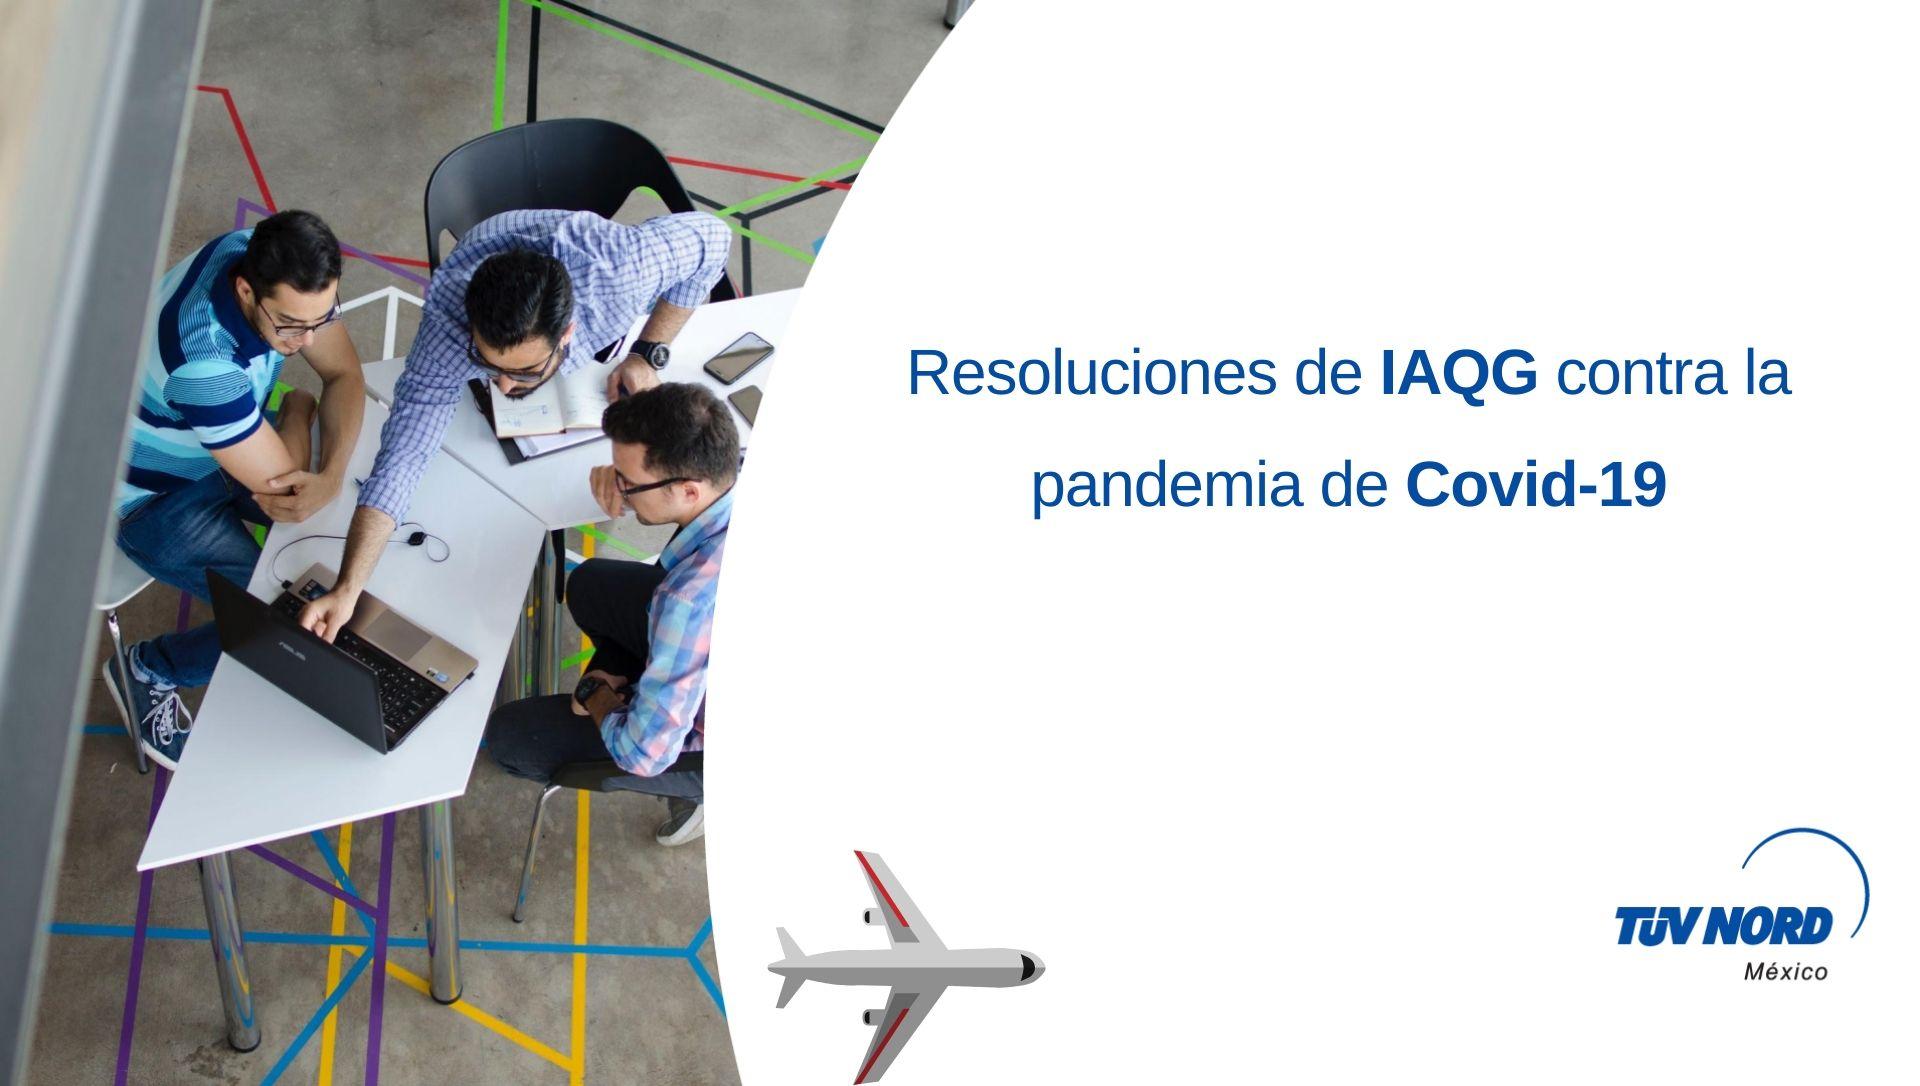 Resoluciones de IAQG contra la pandemia de Covid-19